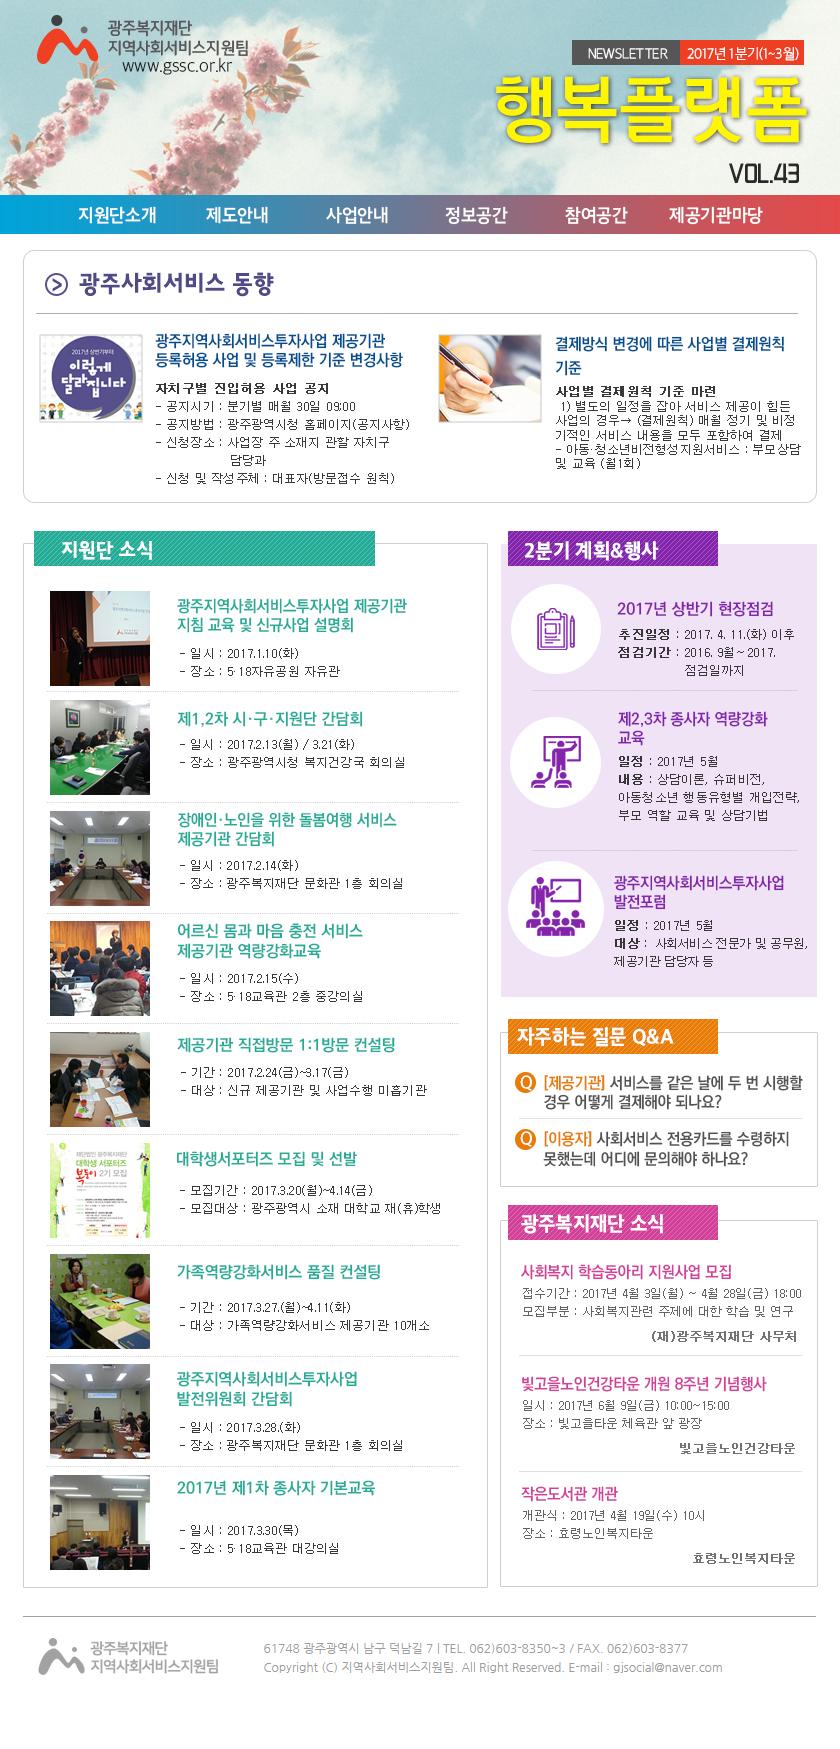 광주복지재단 지역사회서비스지원팀 행복플랫폼 43호 썸네일